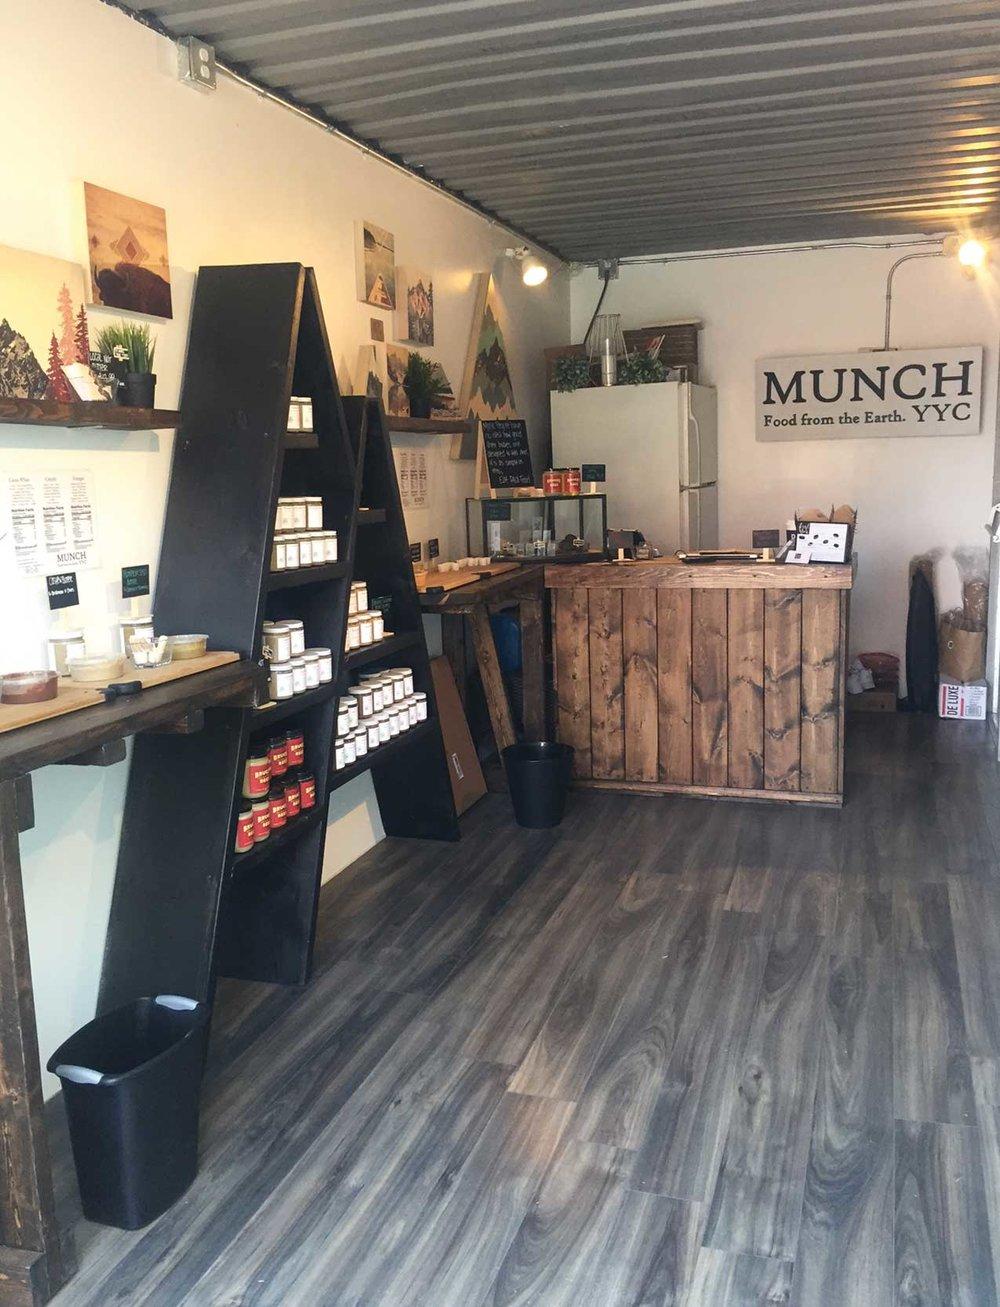 munch2.jpg